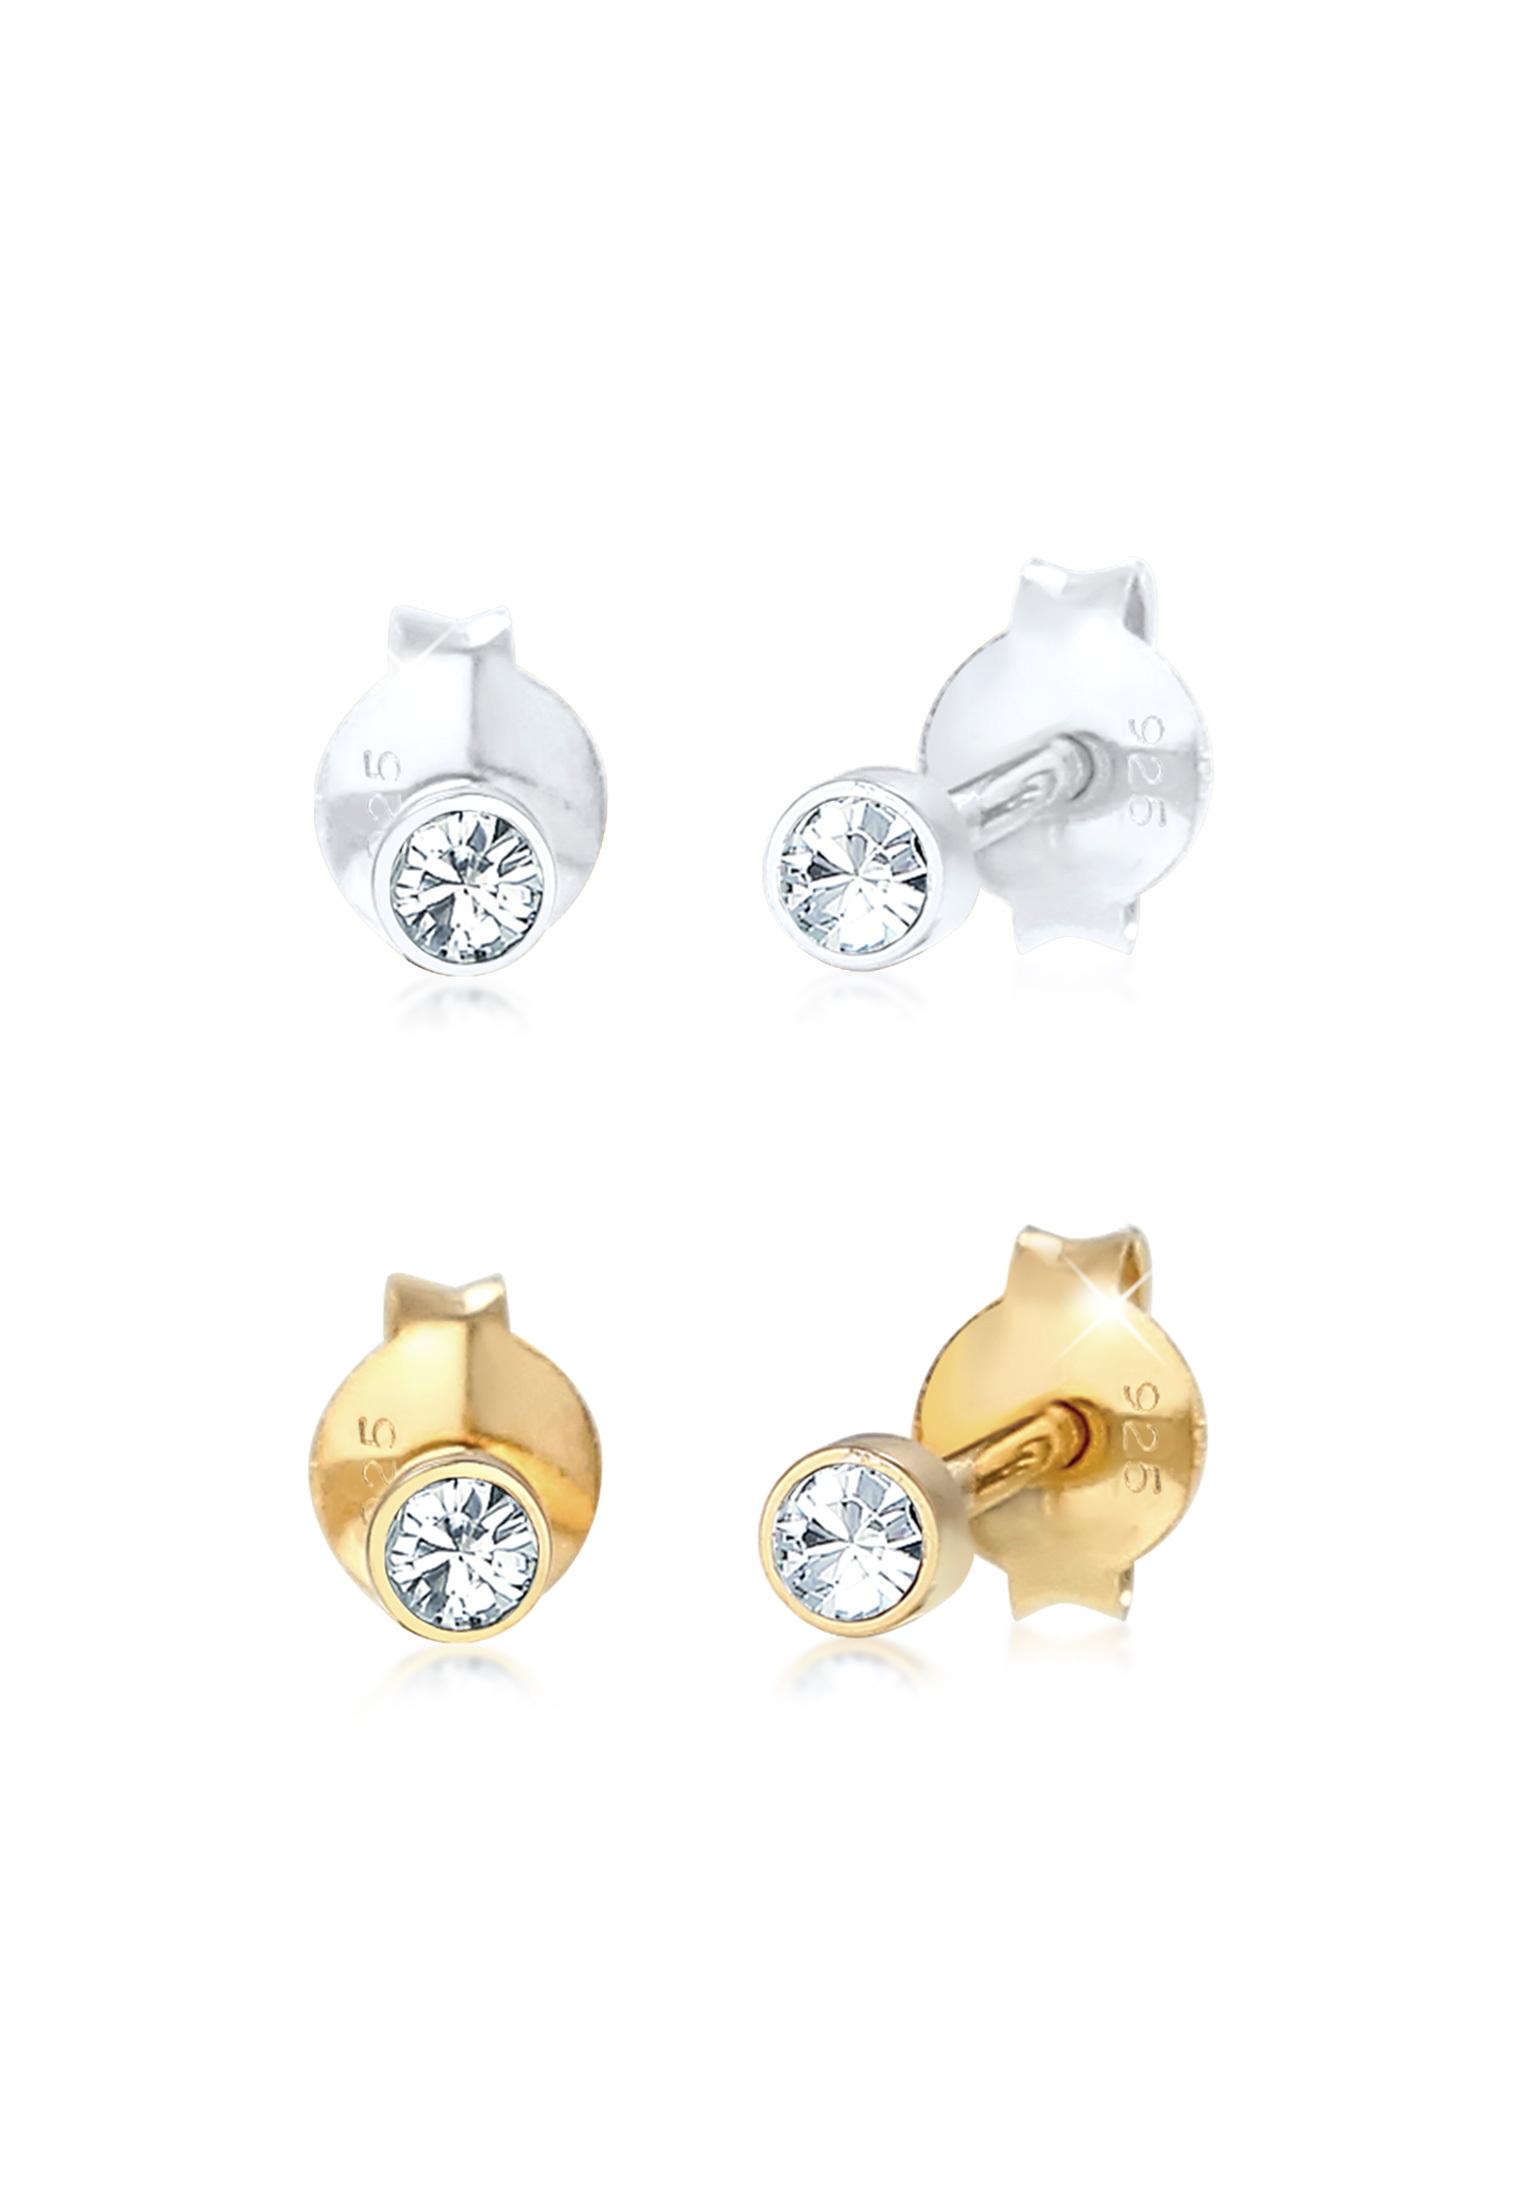 Ohrringset | Kristall ( Weiß ) | 925 Sterling Silber vergoldet